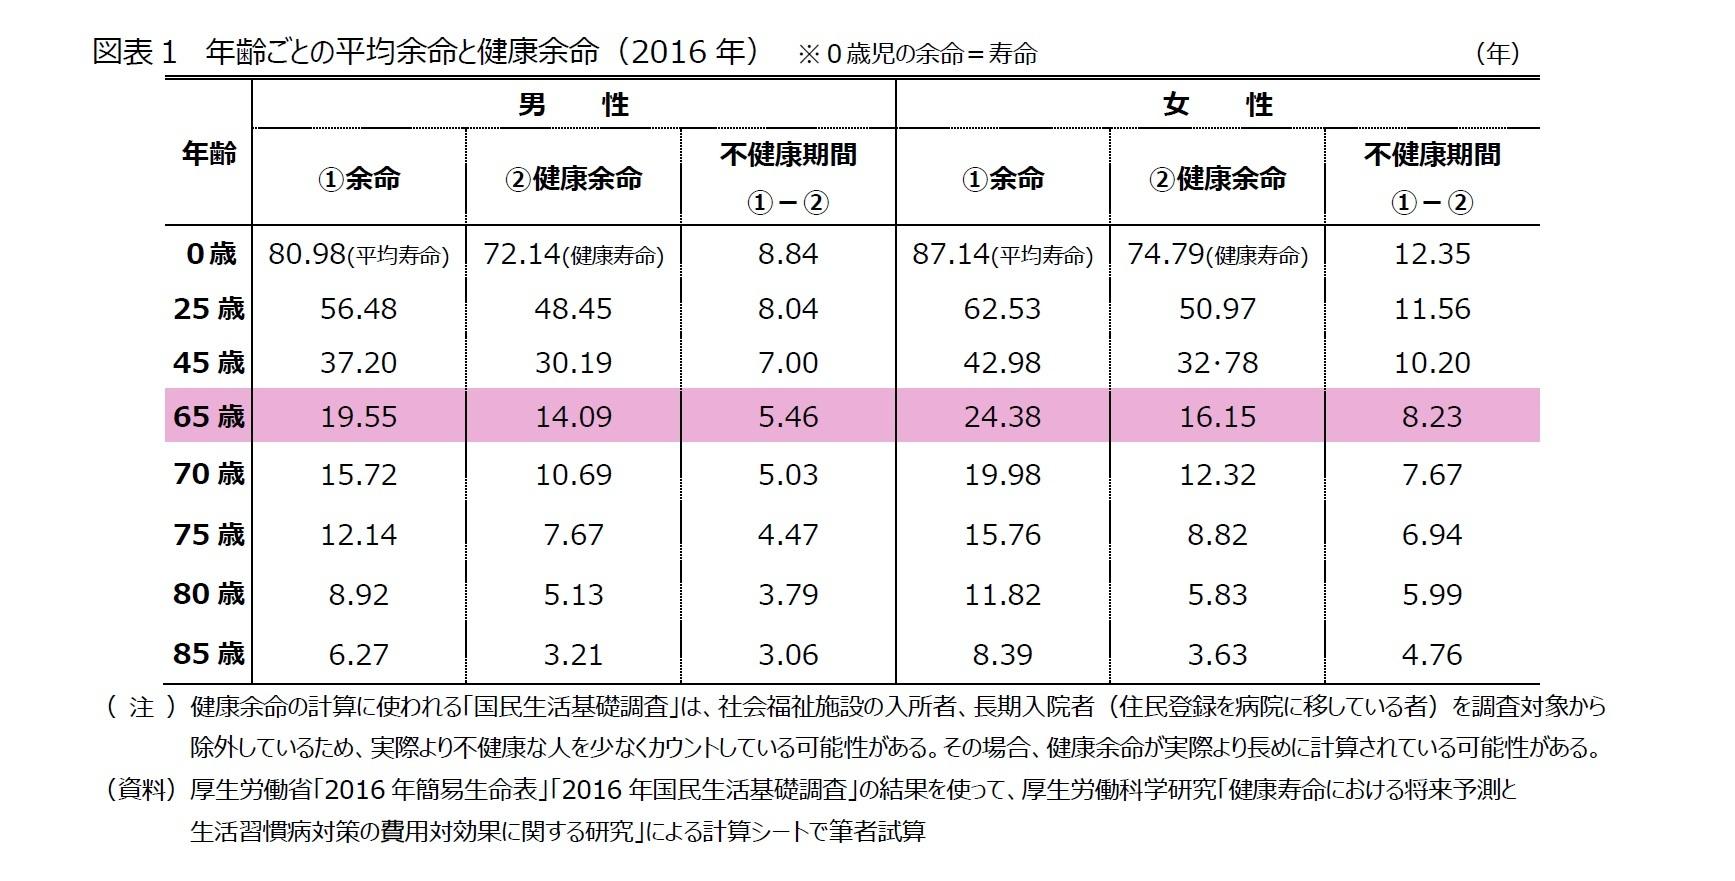 図表1 年齢ごとの平均余命と健康余命(2016年) ※0歳児の余命=寿命